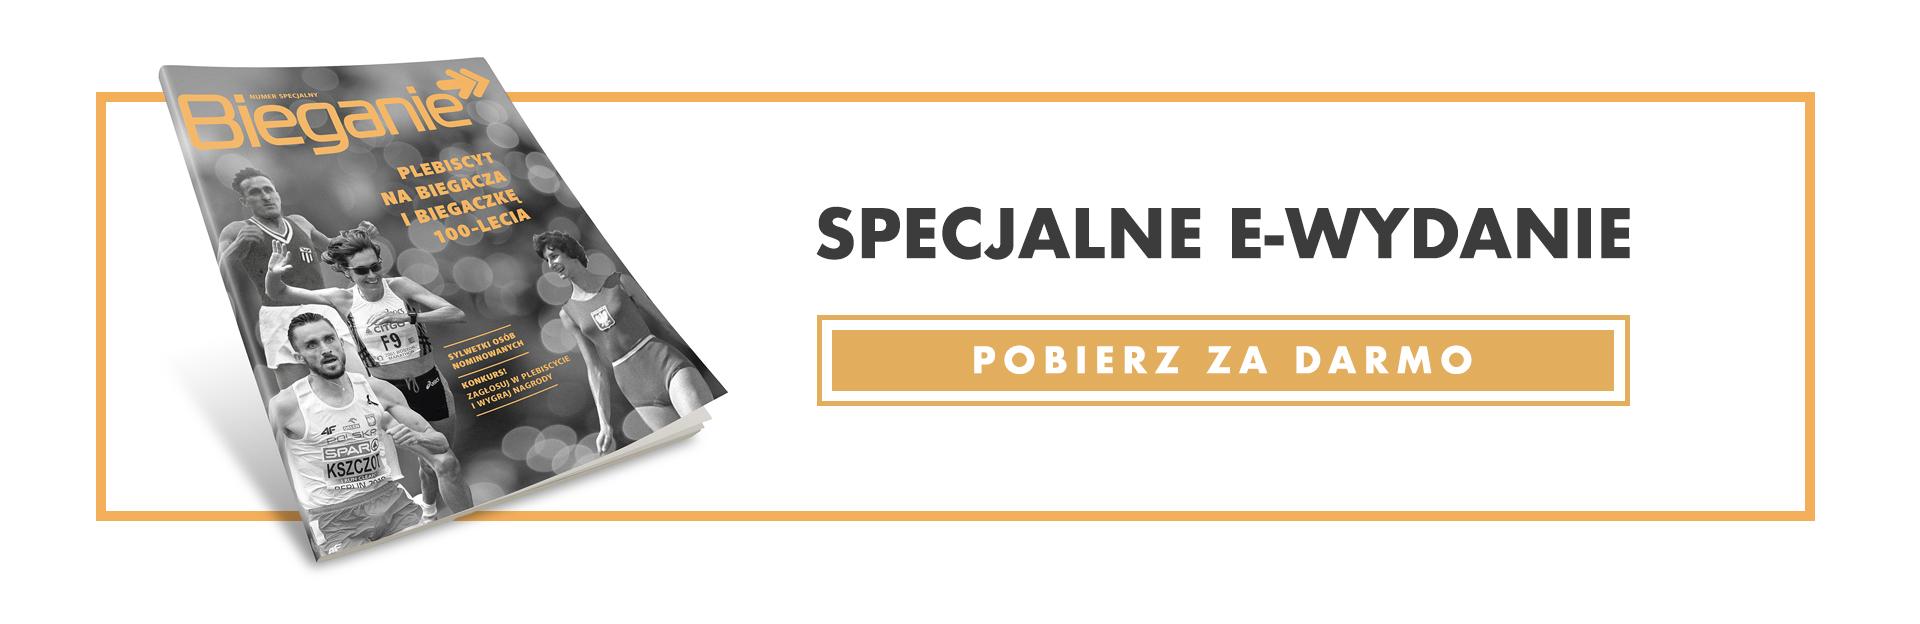 wydanie_specjalne_pobierz